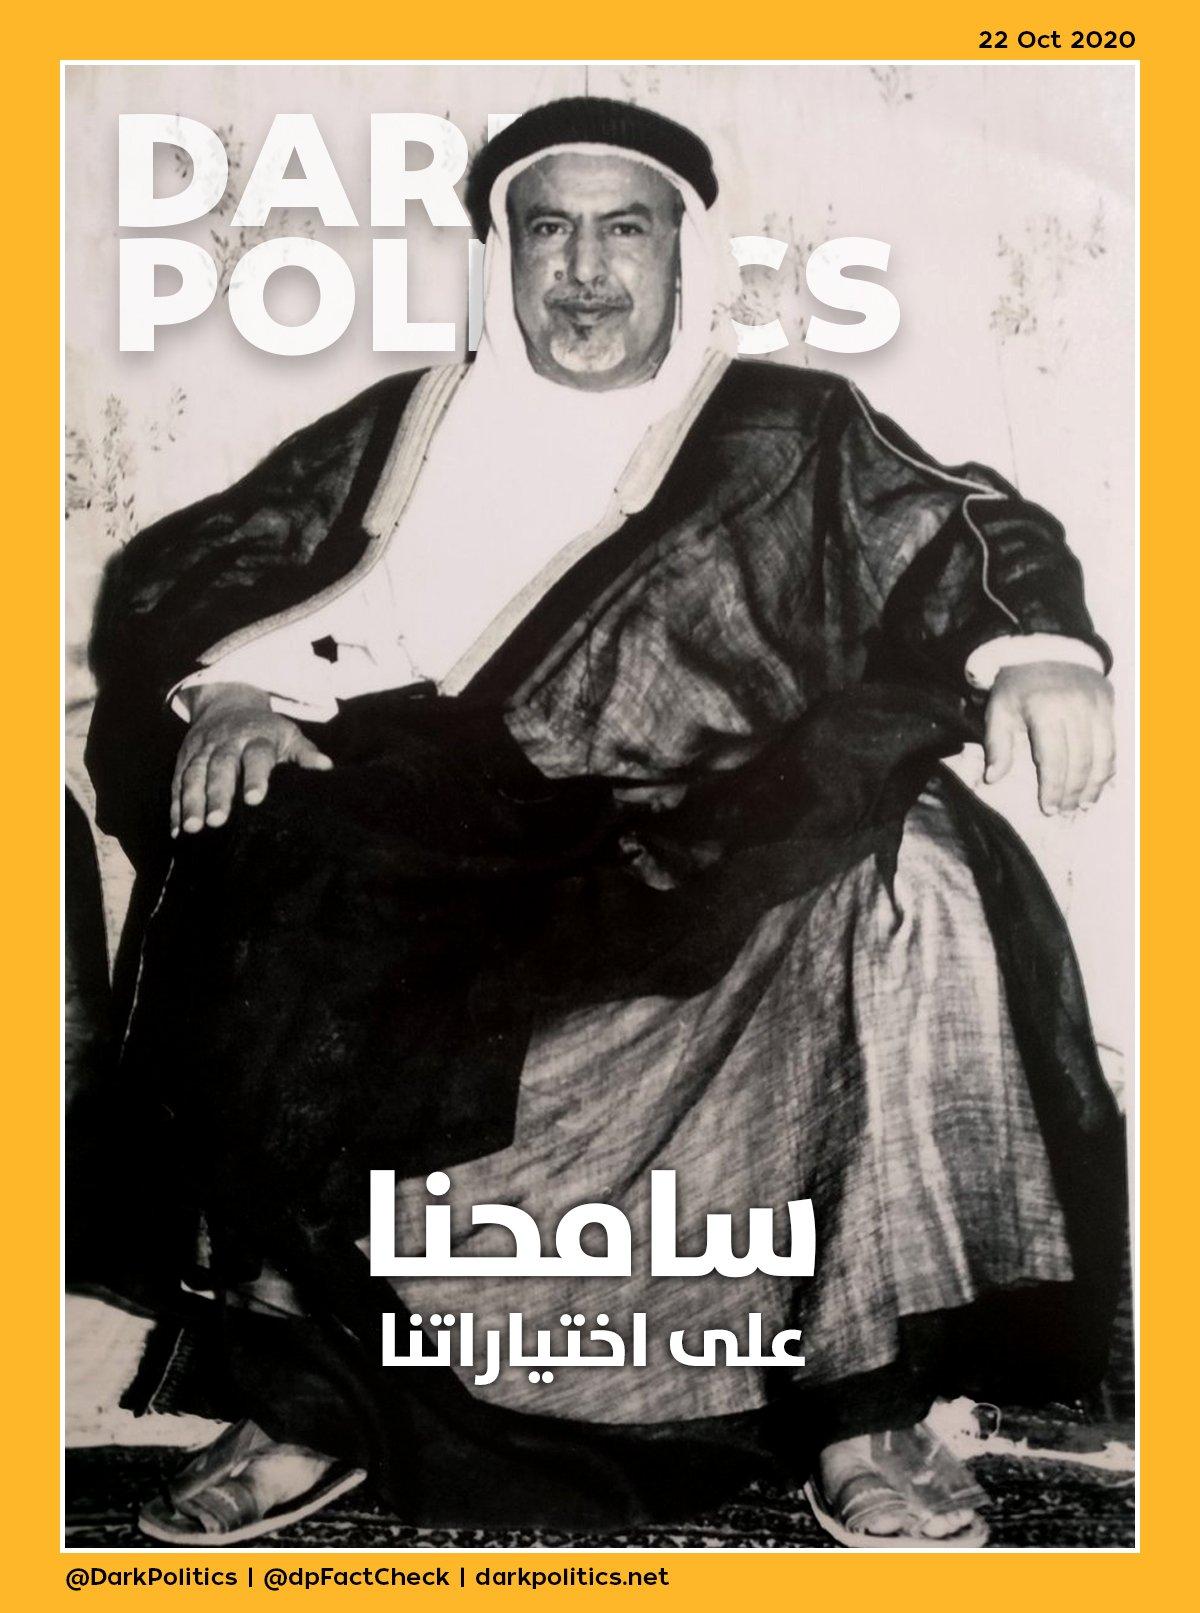 غلاف أكتوبر 2020 - مجلس أمة 2016